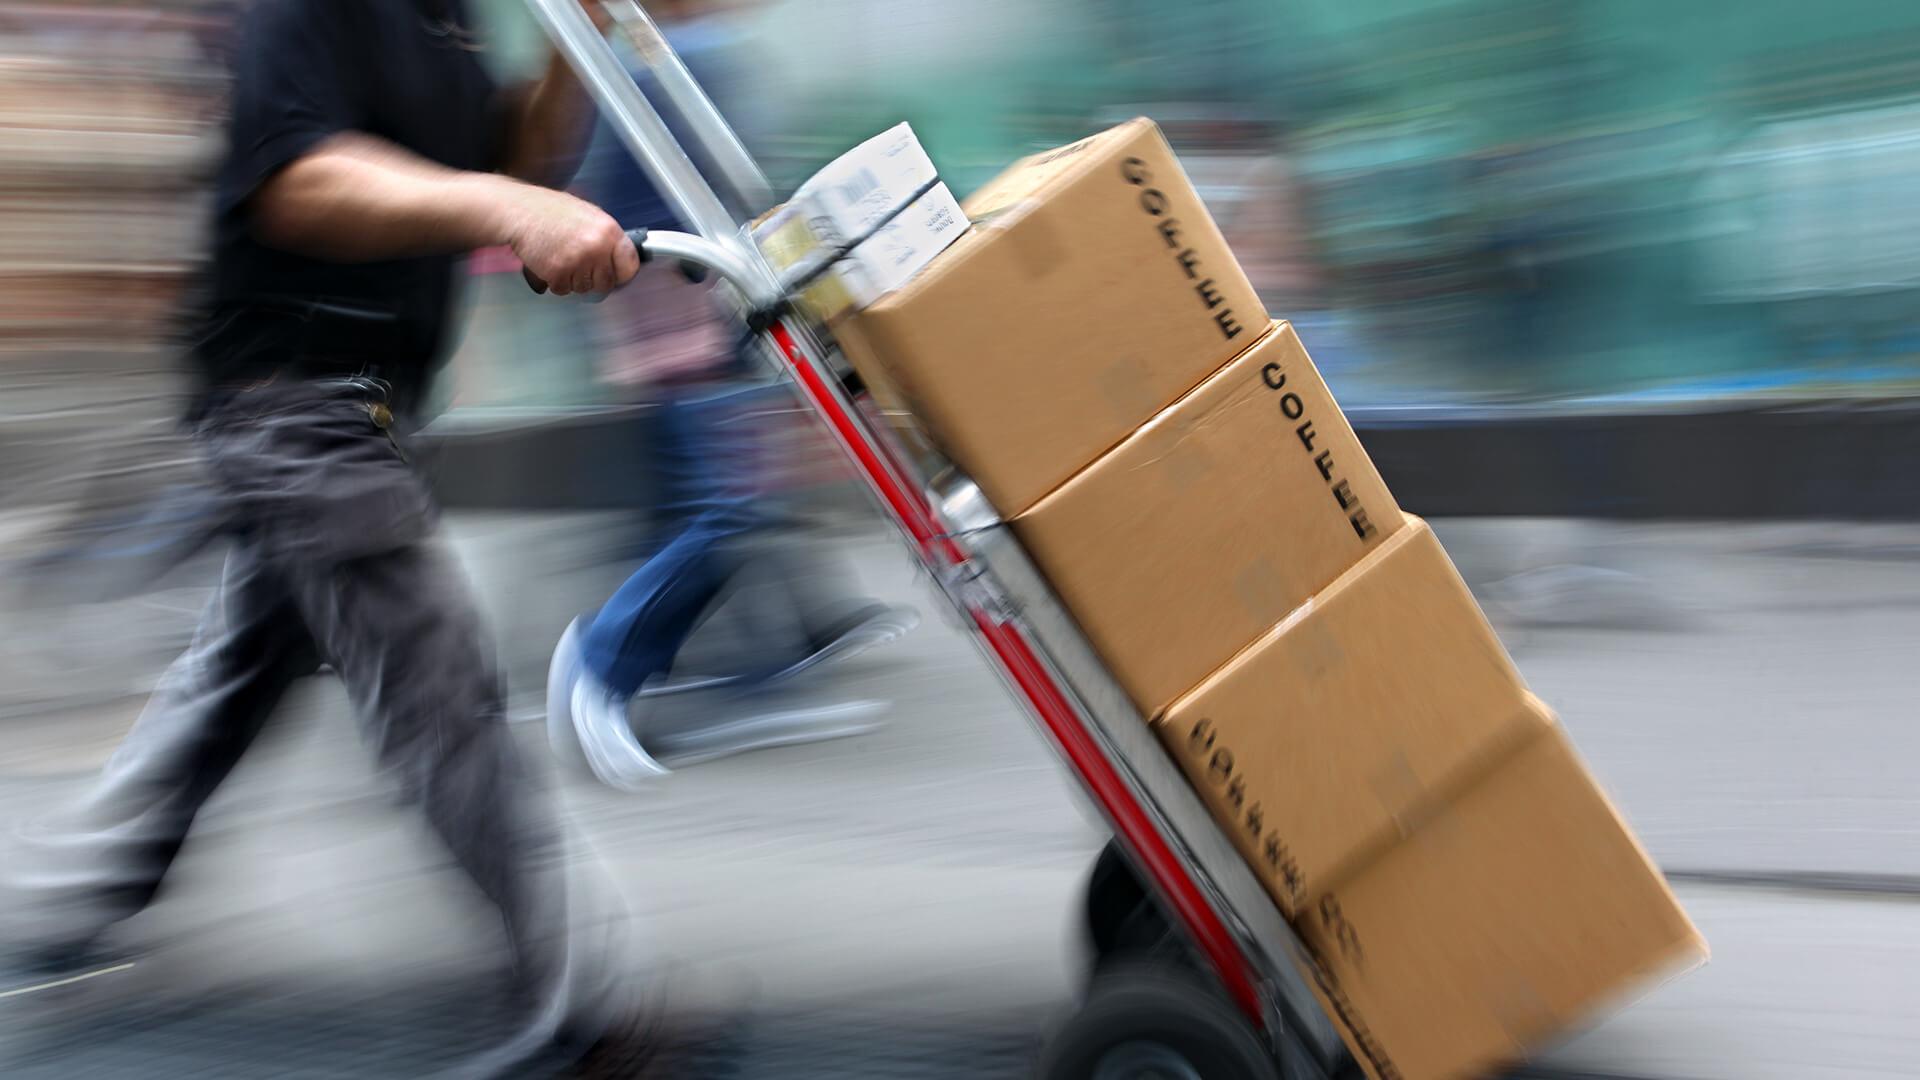 Cómo las empresas locales pueden convertir la amenaza de las entregas bajo demanda en su propio beneficio